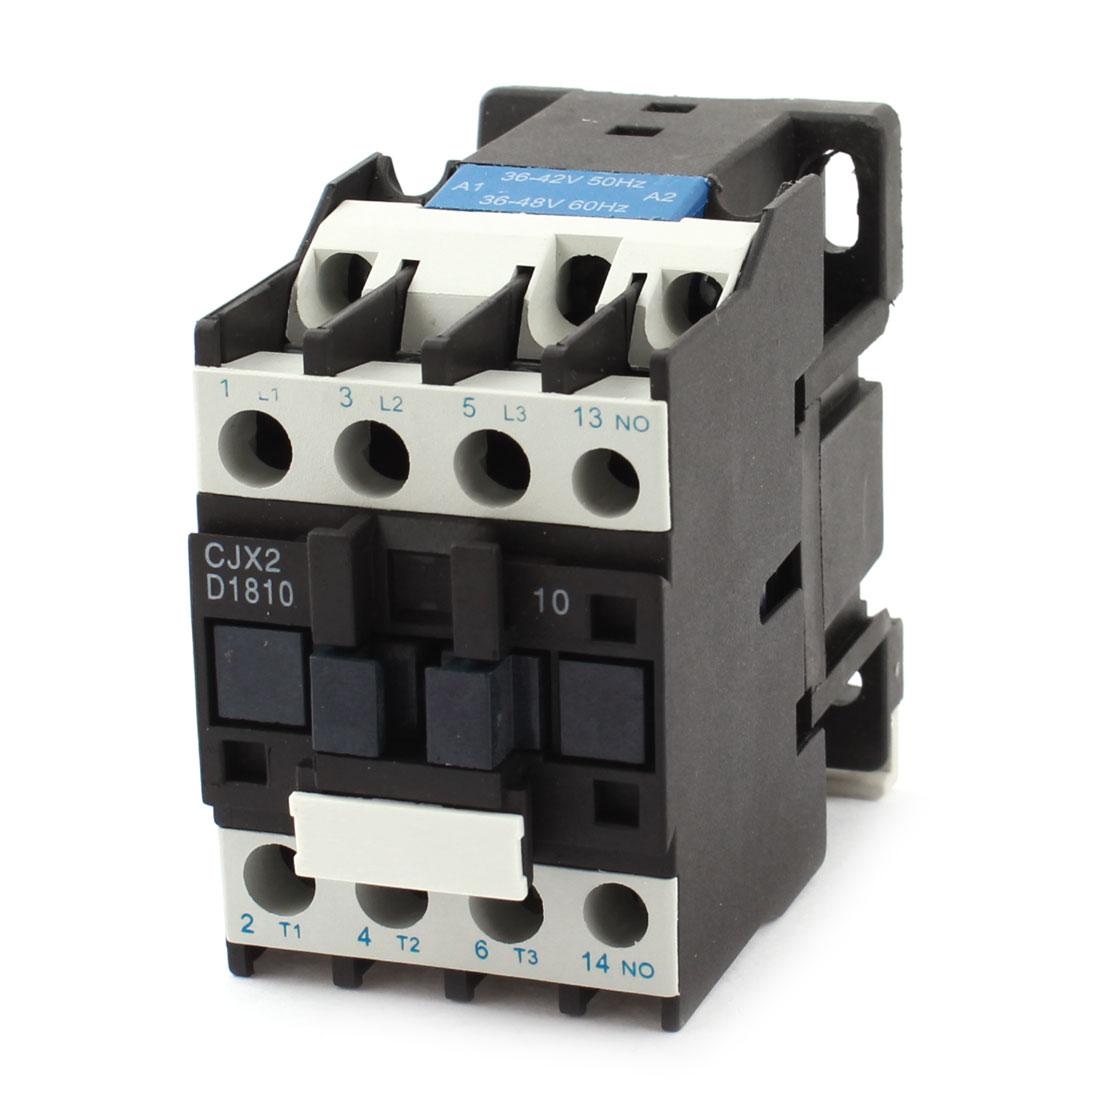 CJX2-1810 Air Condition General Purpose AC36-42V AC36-48V Coil 32A 3P+NO AC Contactor